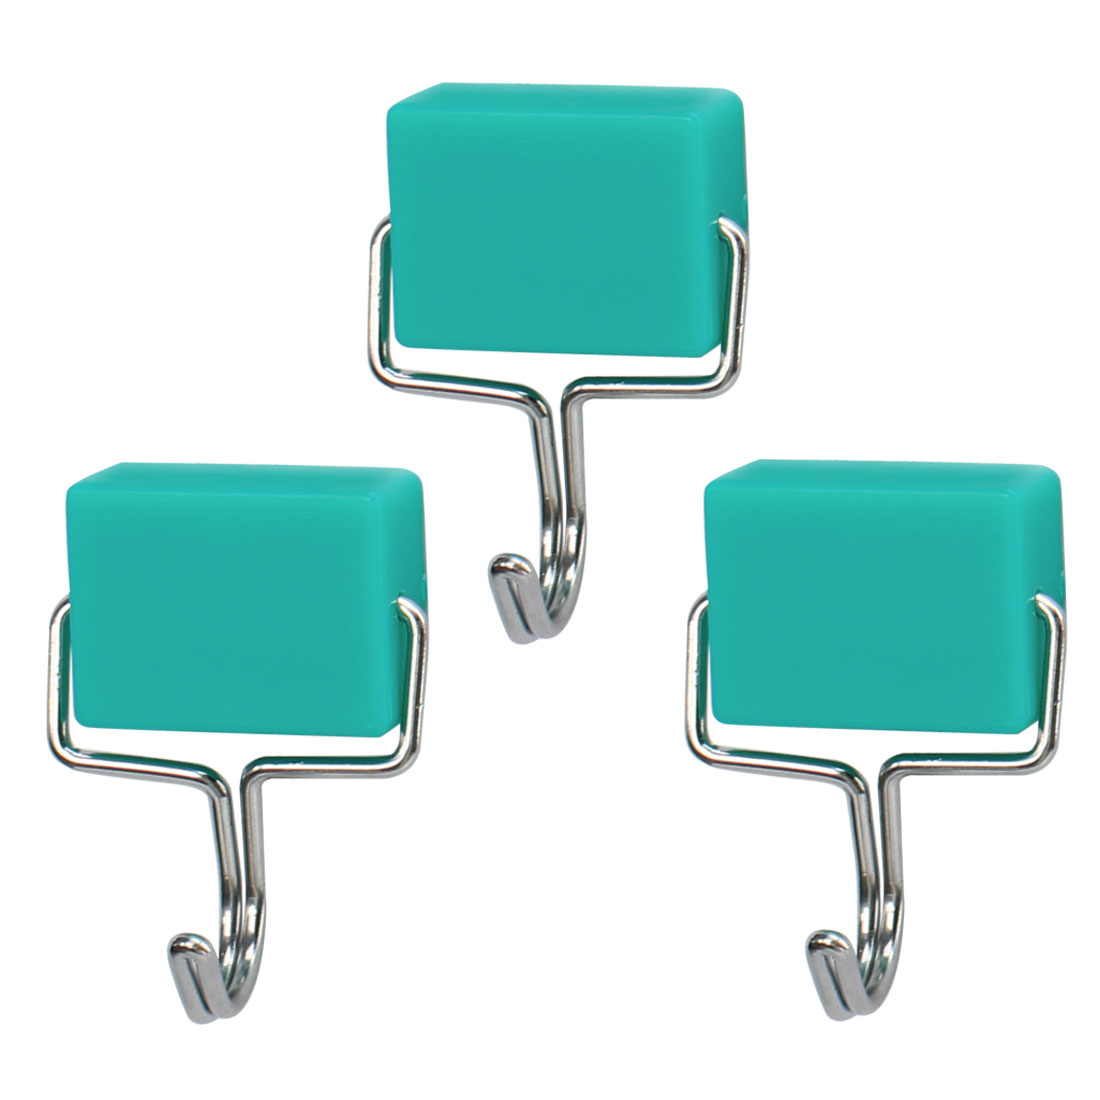 3pcs Magnetic Hook Stainless Steel Wall Hooks Hanger for Coat Hat Holder Green